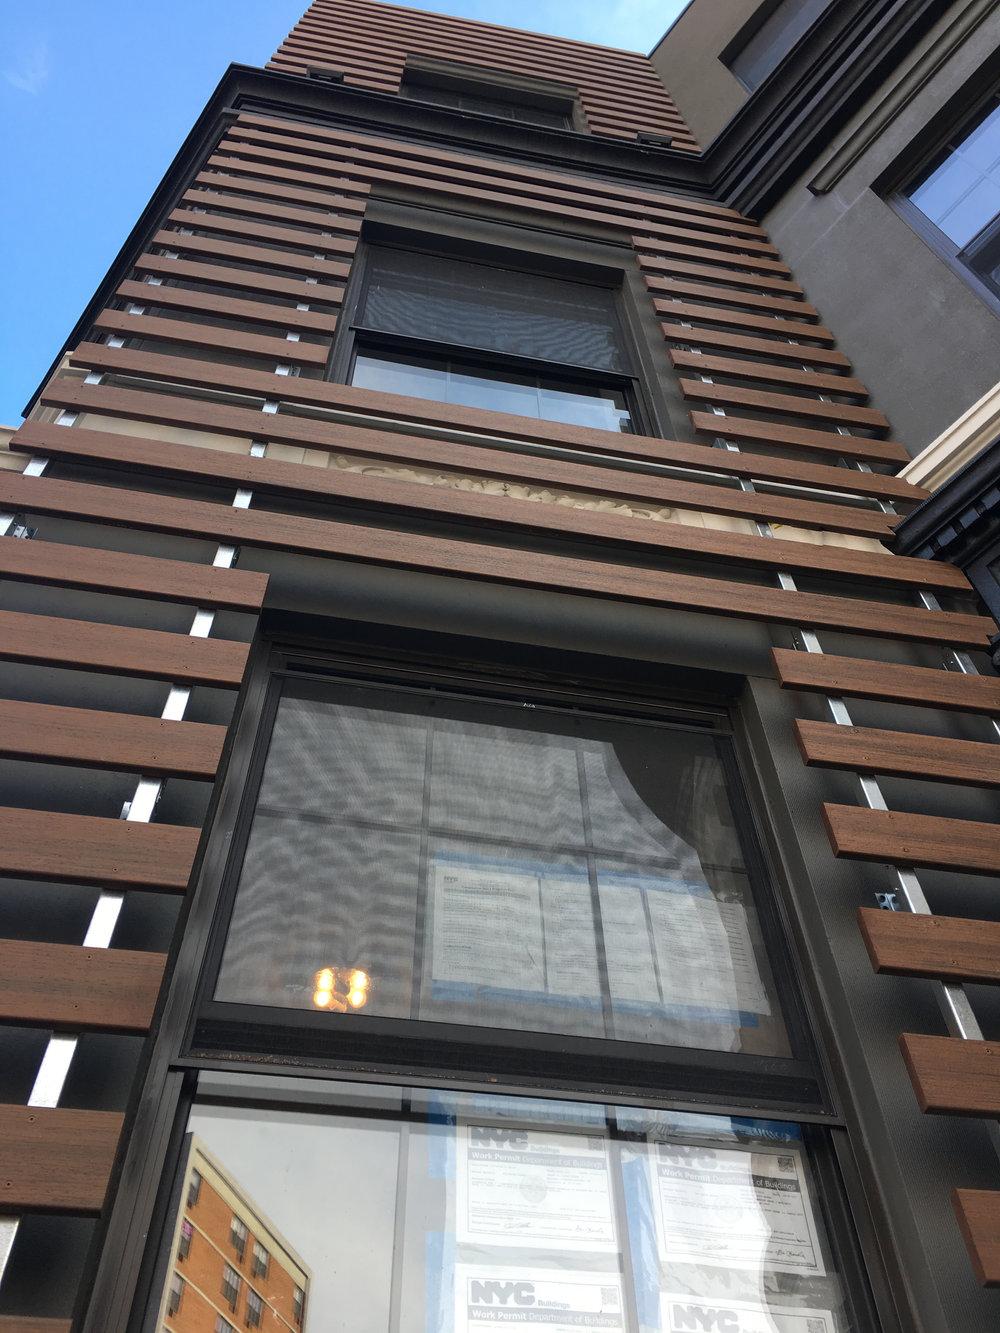 00-860 Macon Street Facade 1b.jpg